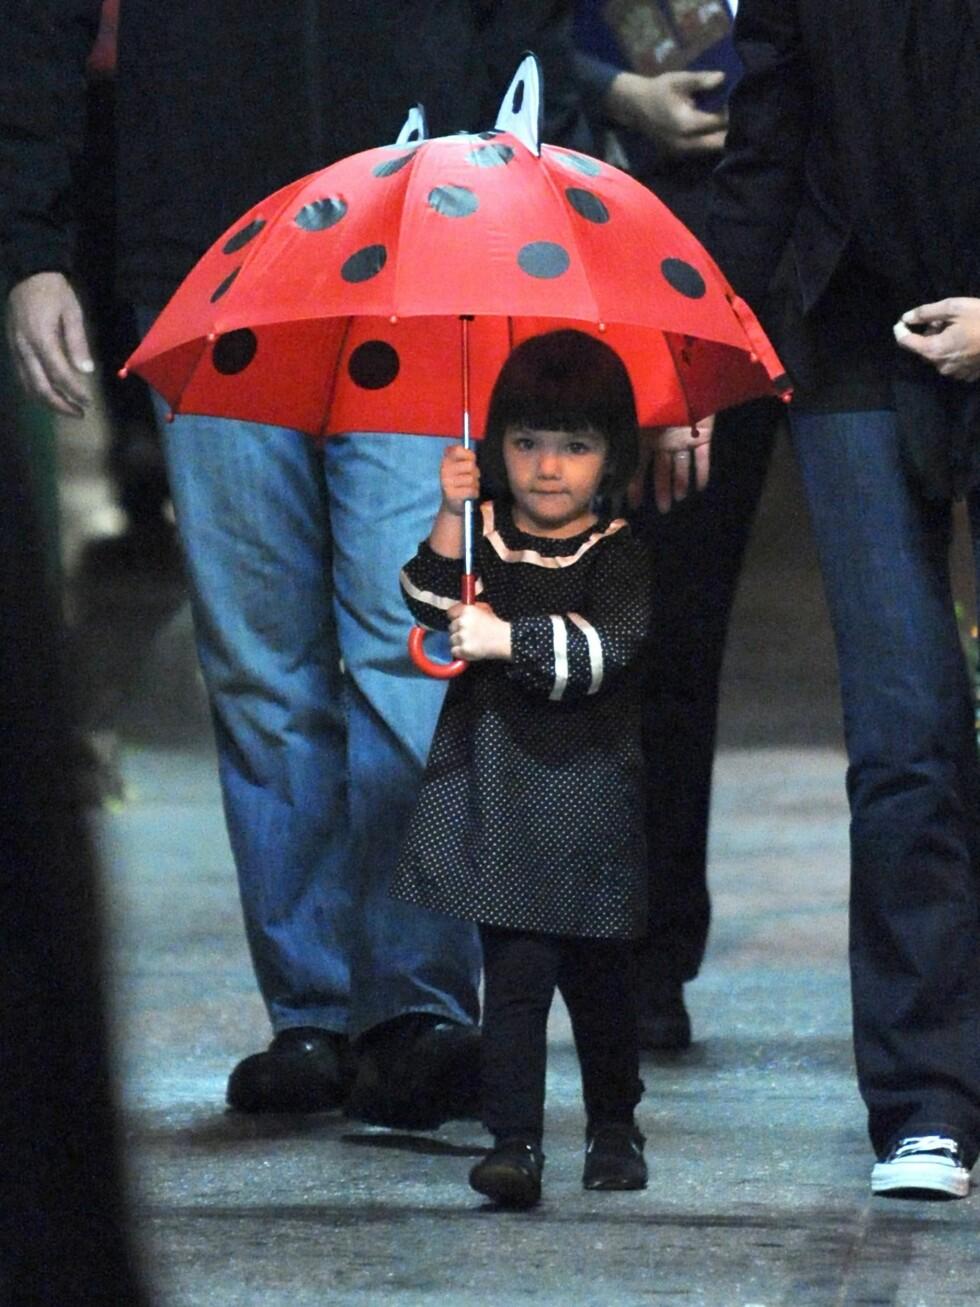 Prikkete kjole med matchende paraply. Foto: All Over Press